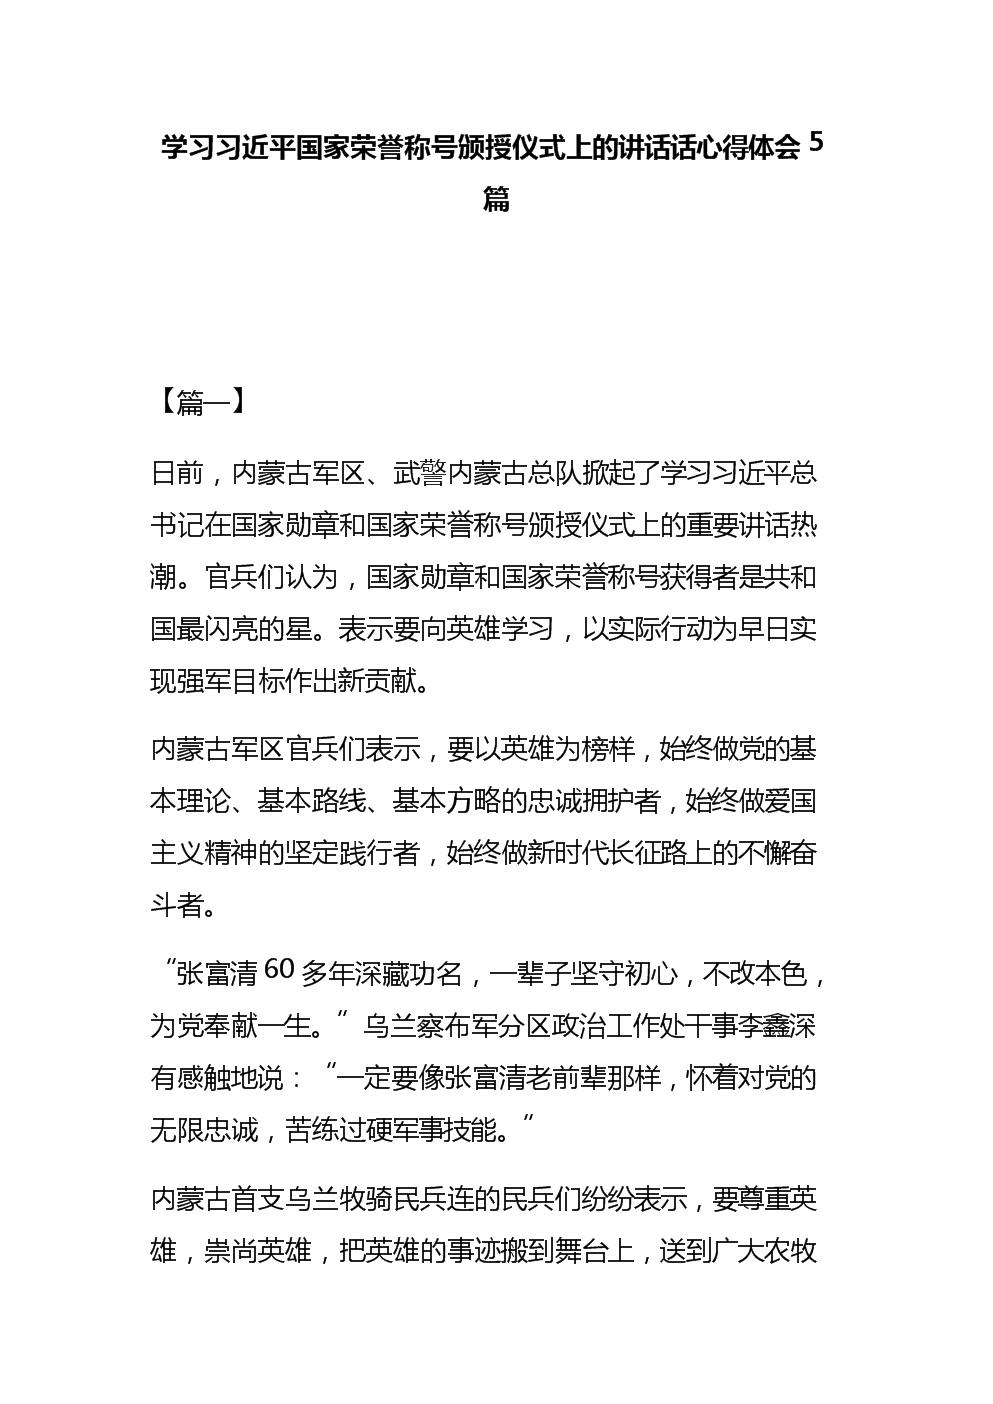 学习习 近平国家荣誉称号颁授仪式上的讲心得体会5篇.docx